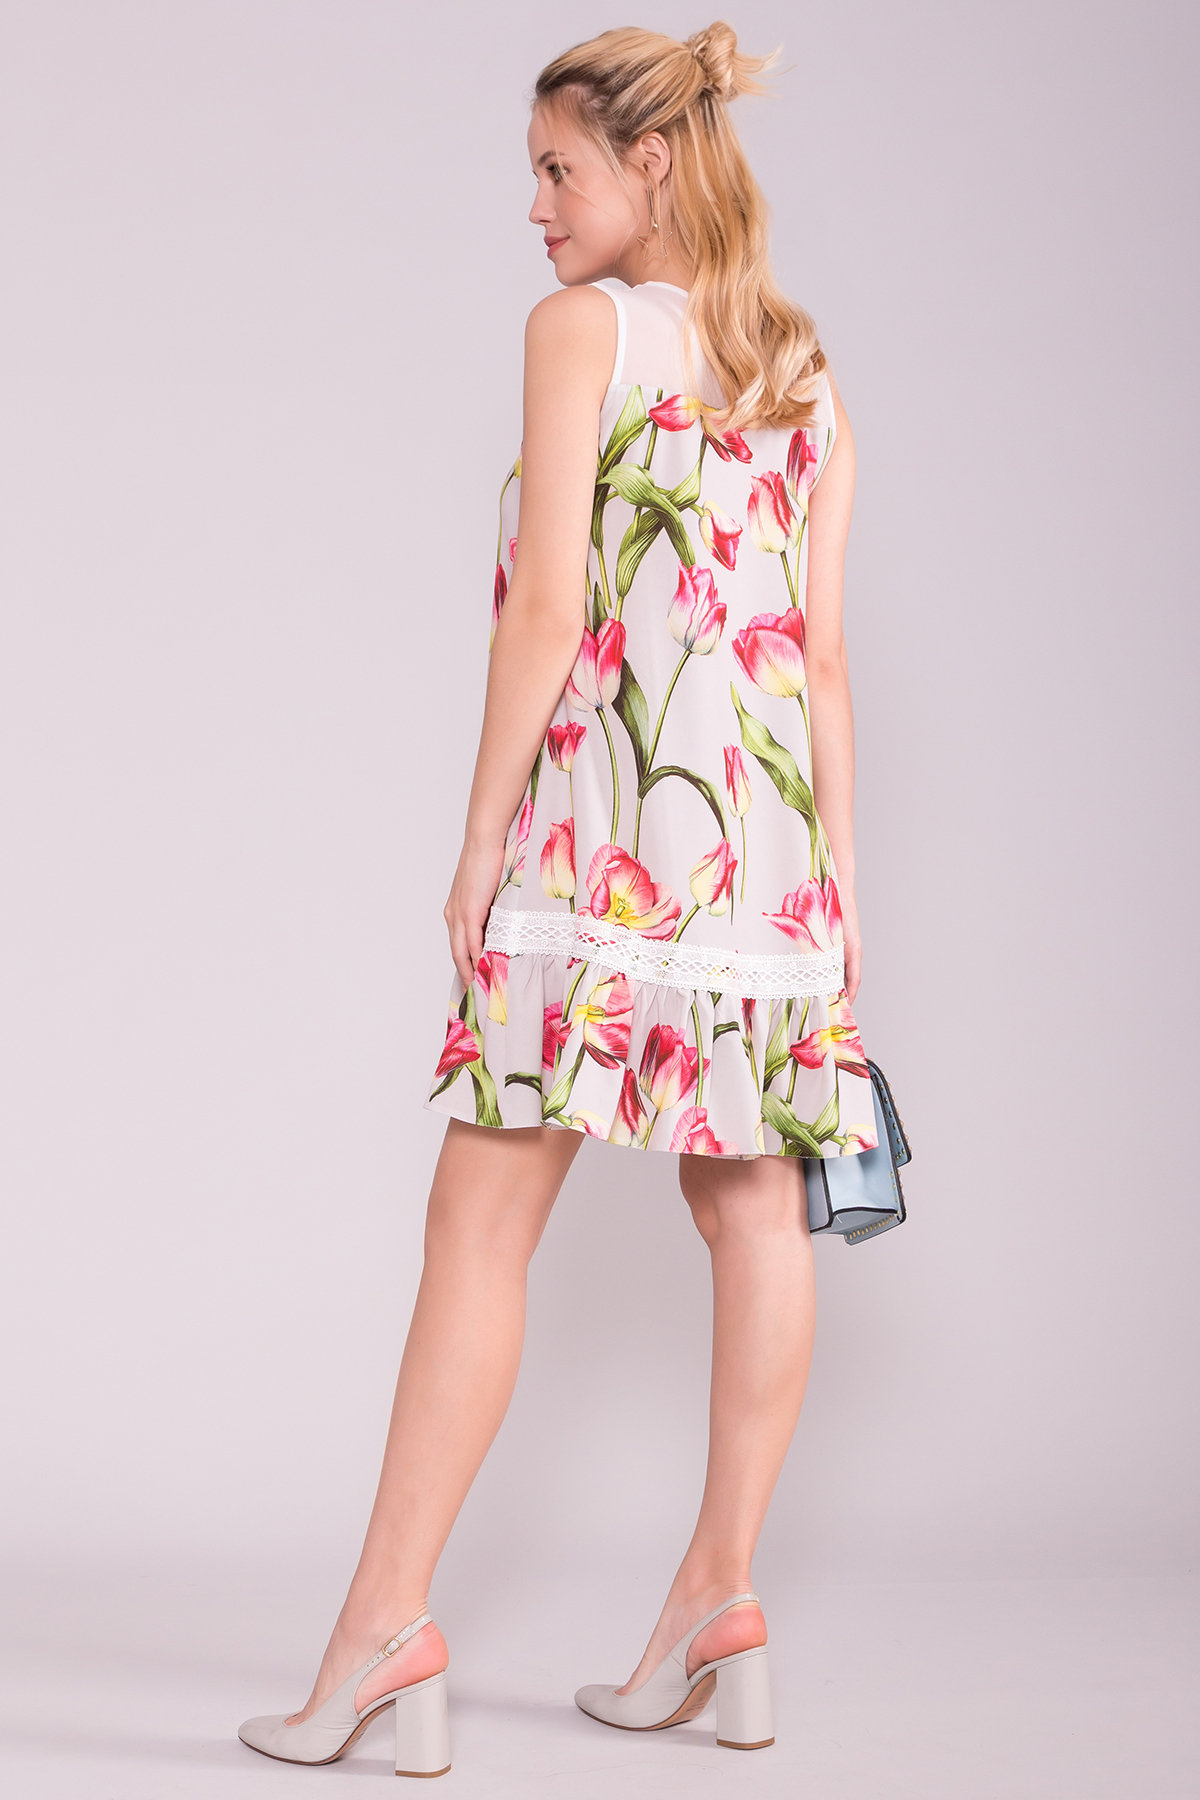 Платье Инга 7063 АРТ. 43062 Цвет: Тюльпан серый/розовый - фото 2, интернет магазин tm-modus.ru